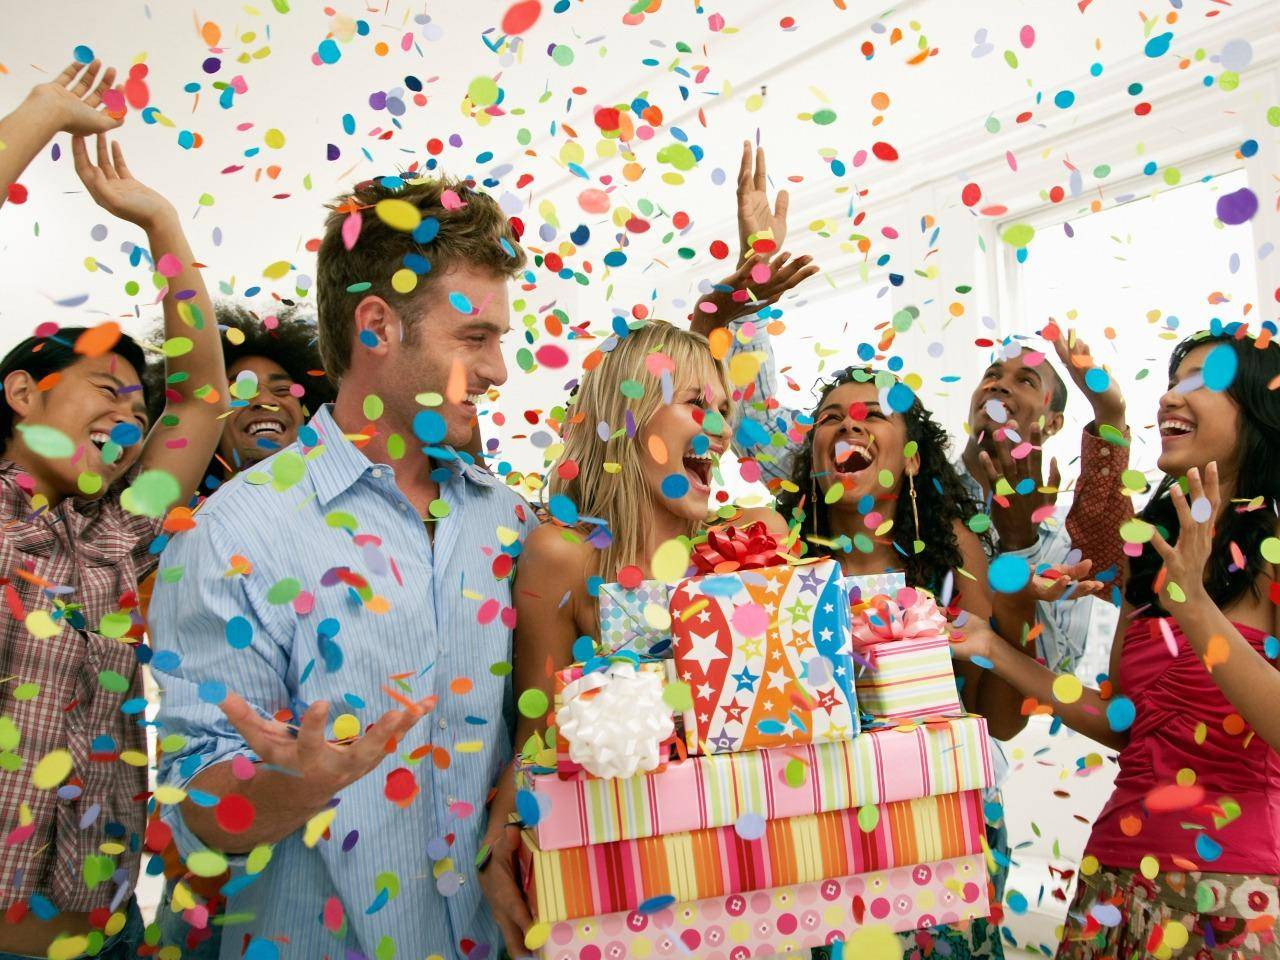 Что можно и нельзя делать в день рождения: приметы после дня рождения